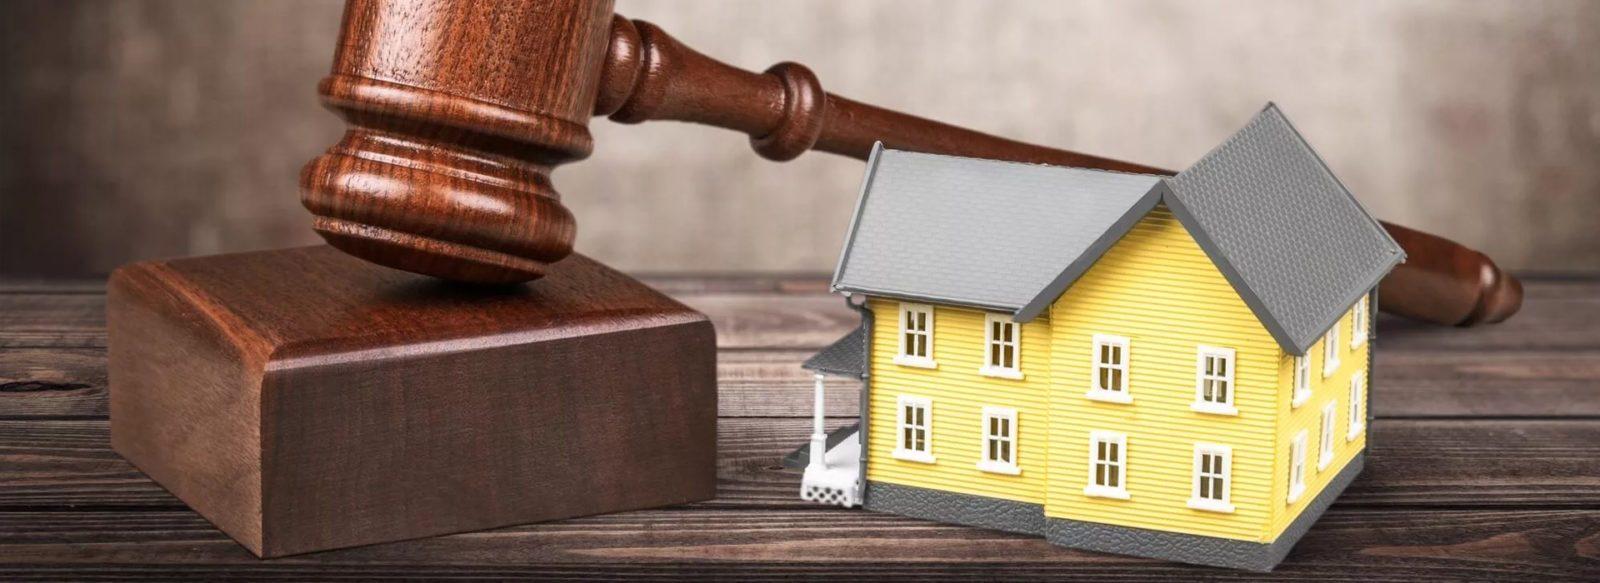 жилищные споры консультация юриста